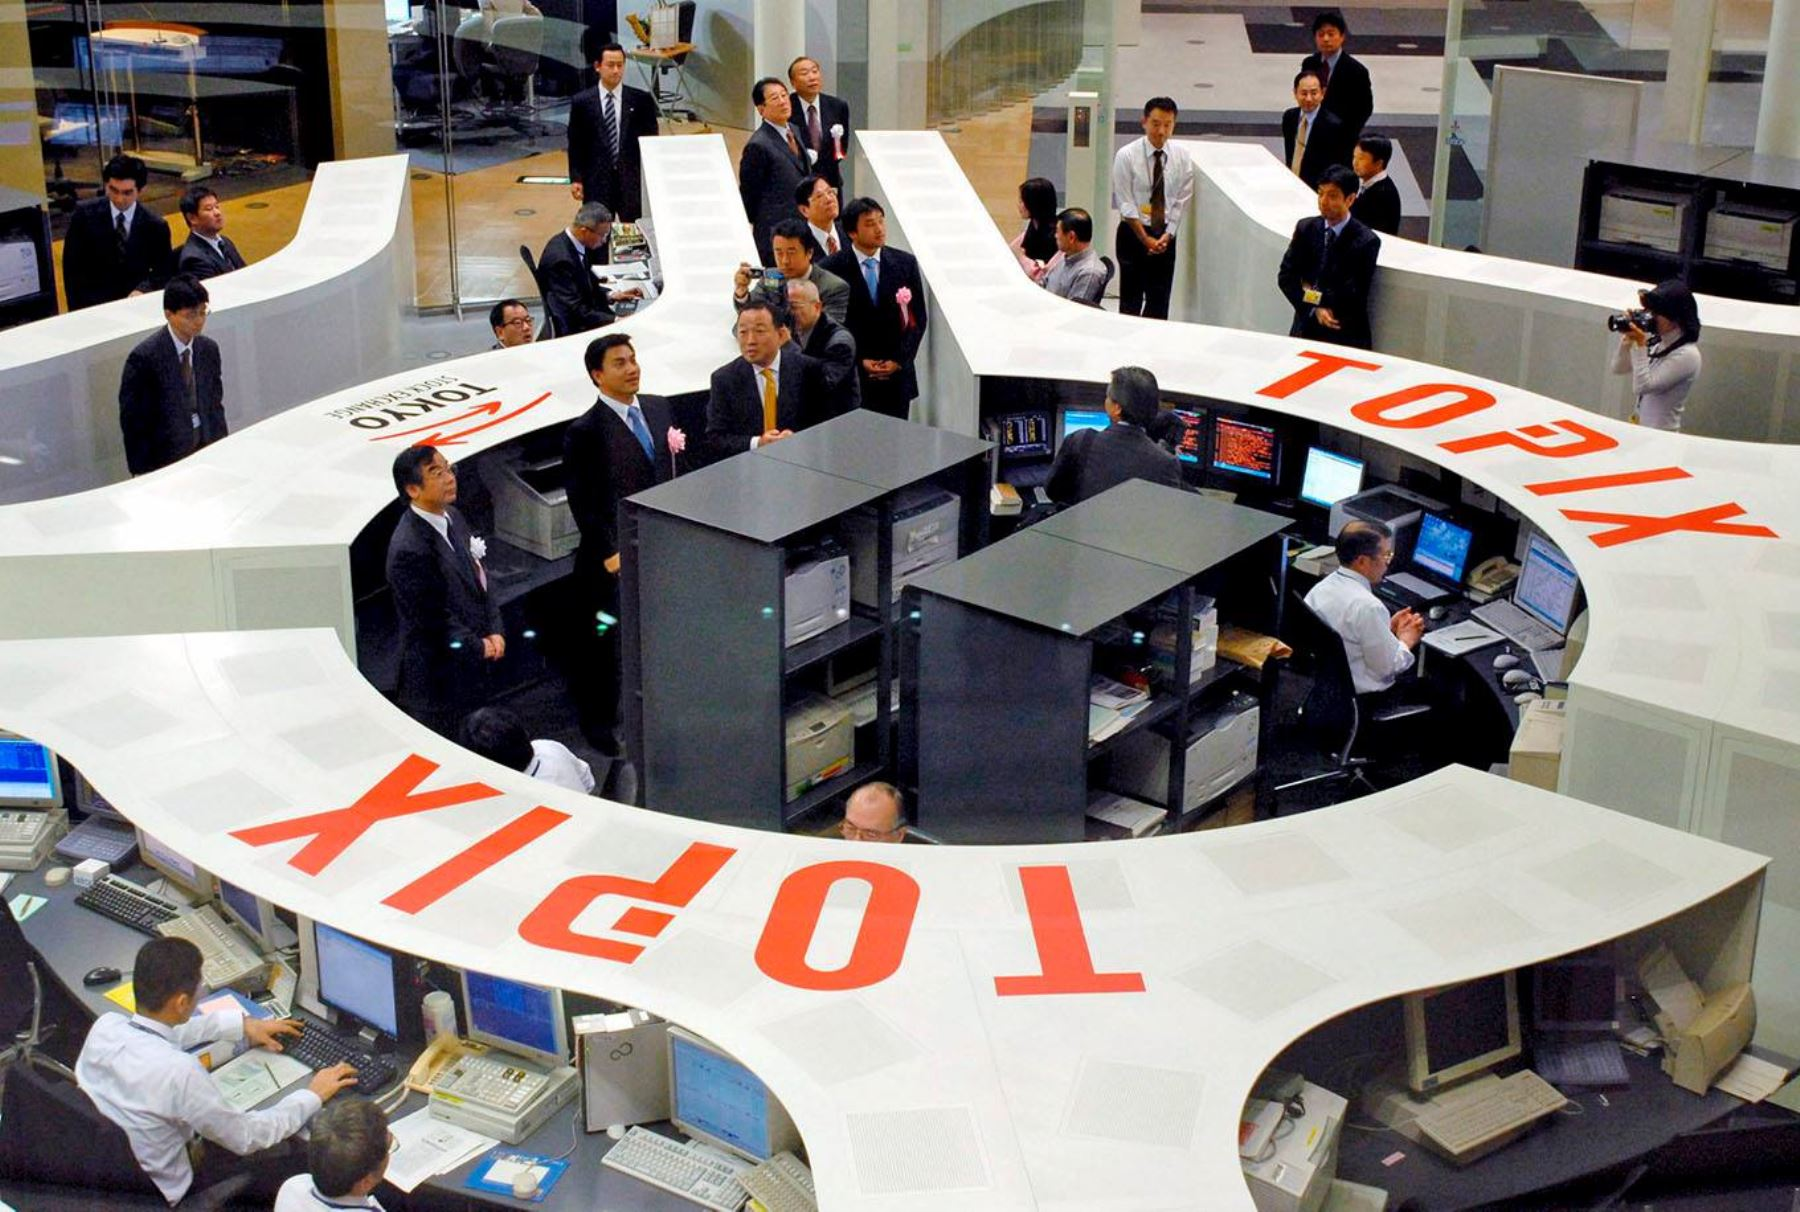 De En Su A Am Tokio Nivel Noticias Peor Cae Meses Bolsa 780 Cuatro wknONX80P